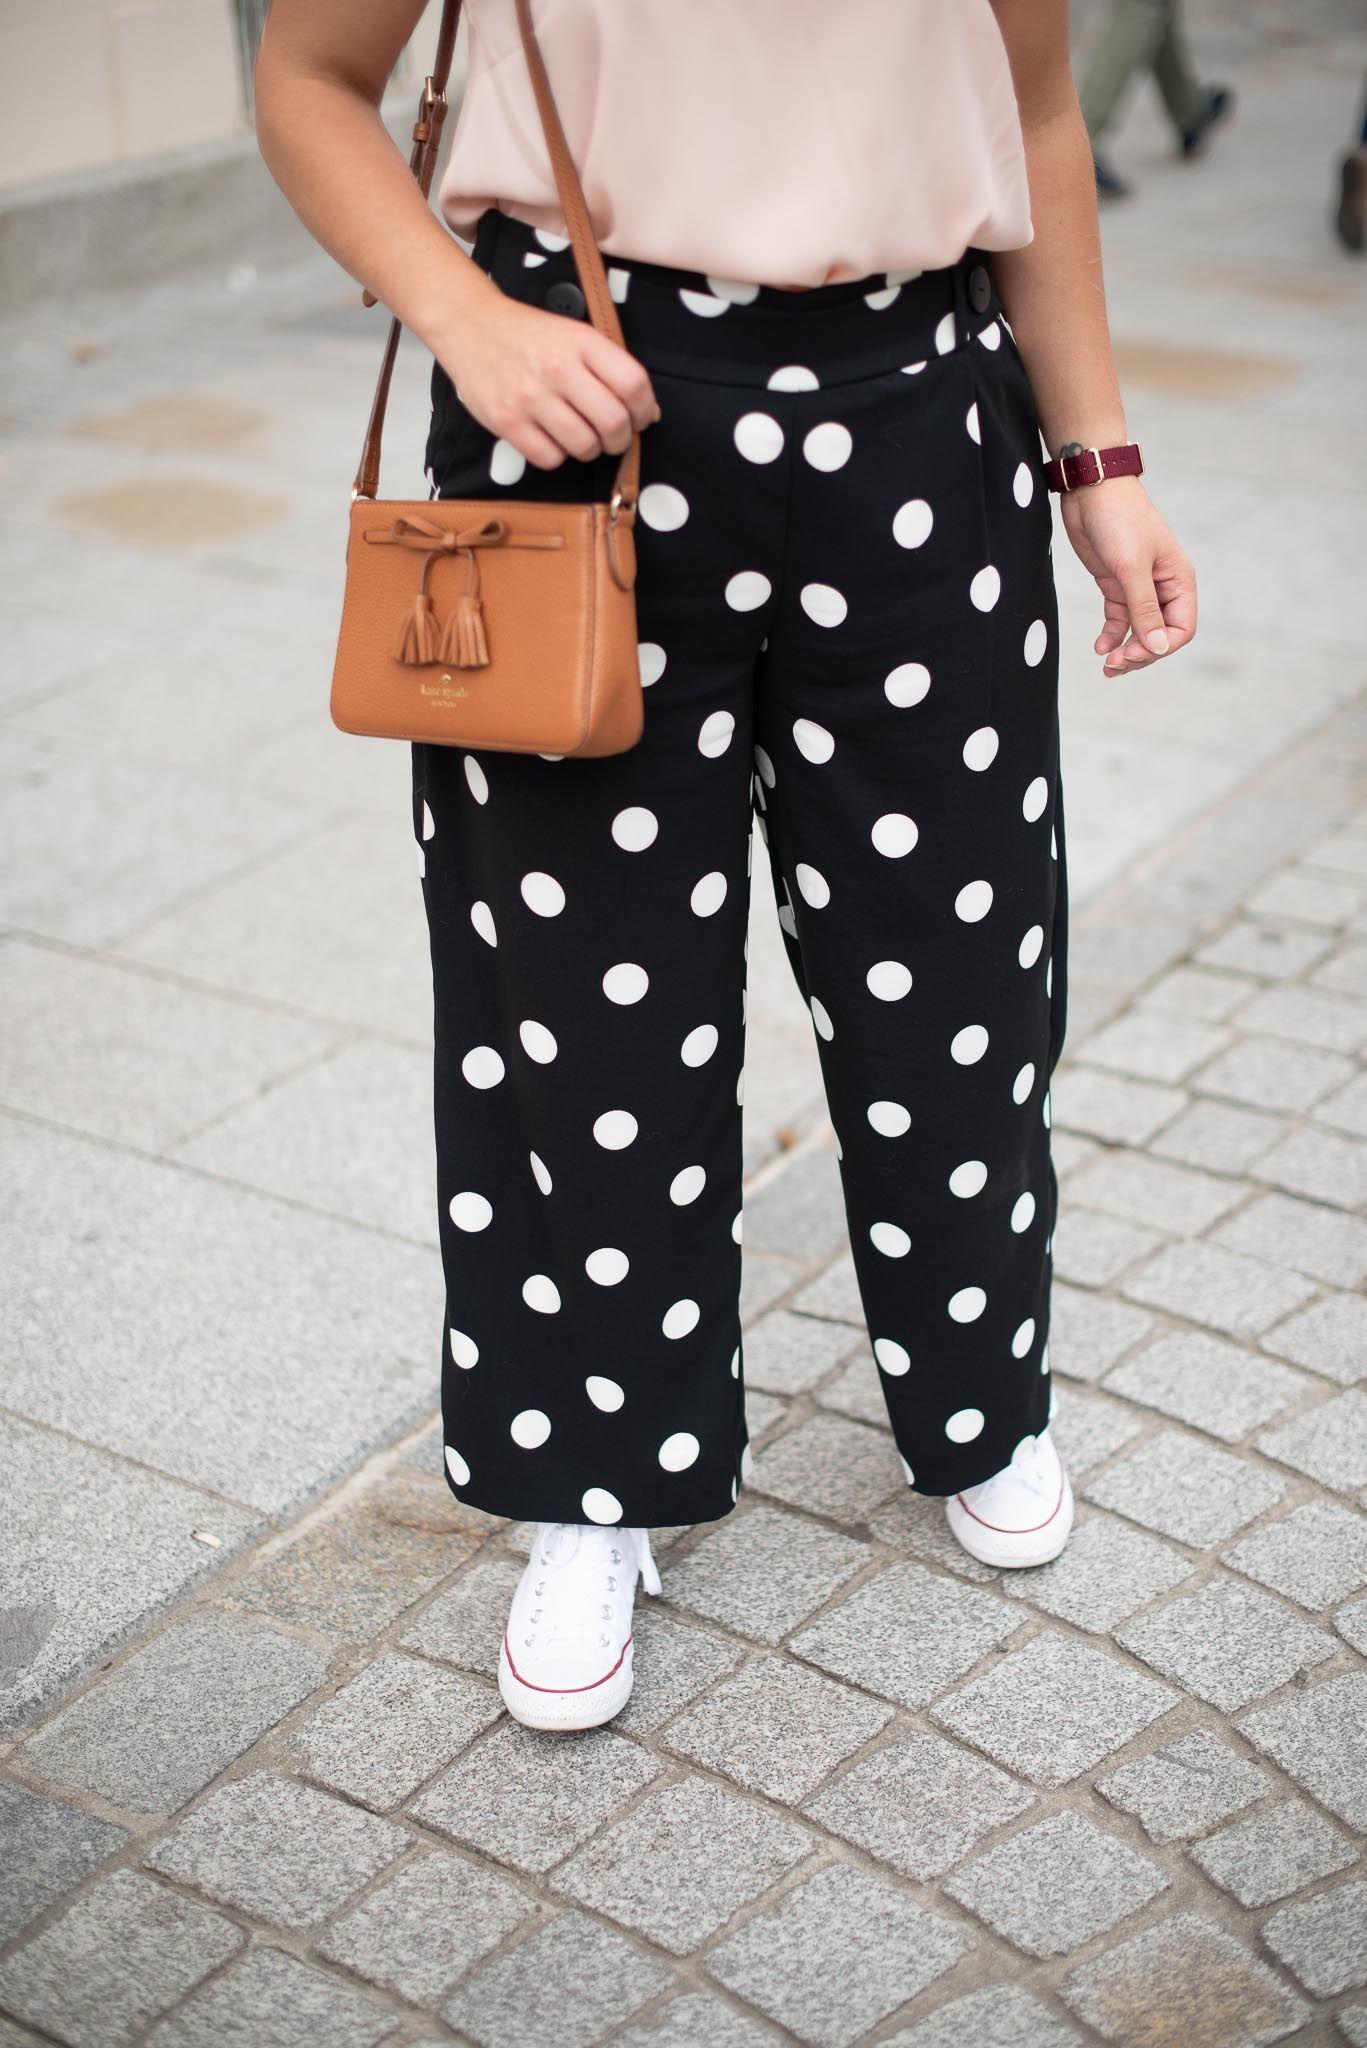 pantalon femme beige à pois noirs